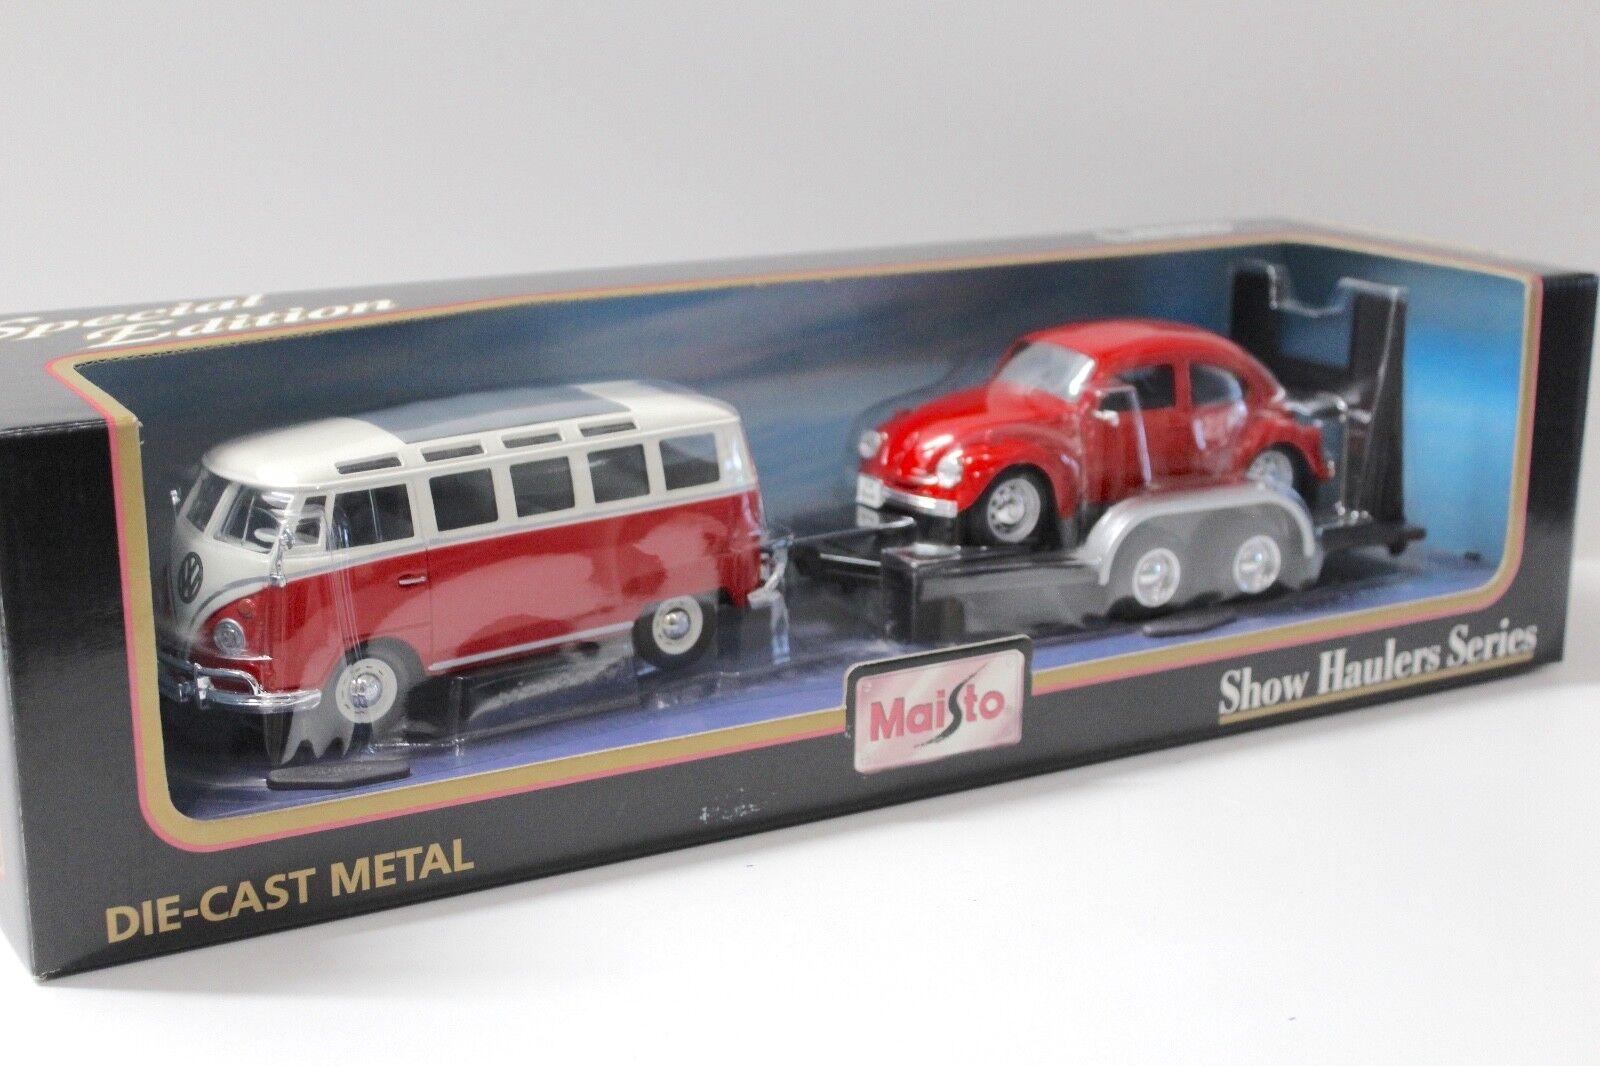 1 24 Maisto Set VW t1 bulli + VW MAGGIOLINO + TRAILER rosso NEW in Premium-MODELCARS